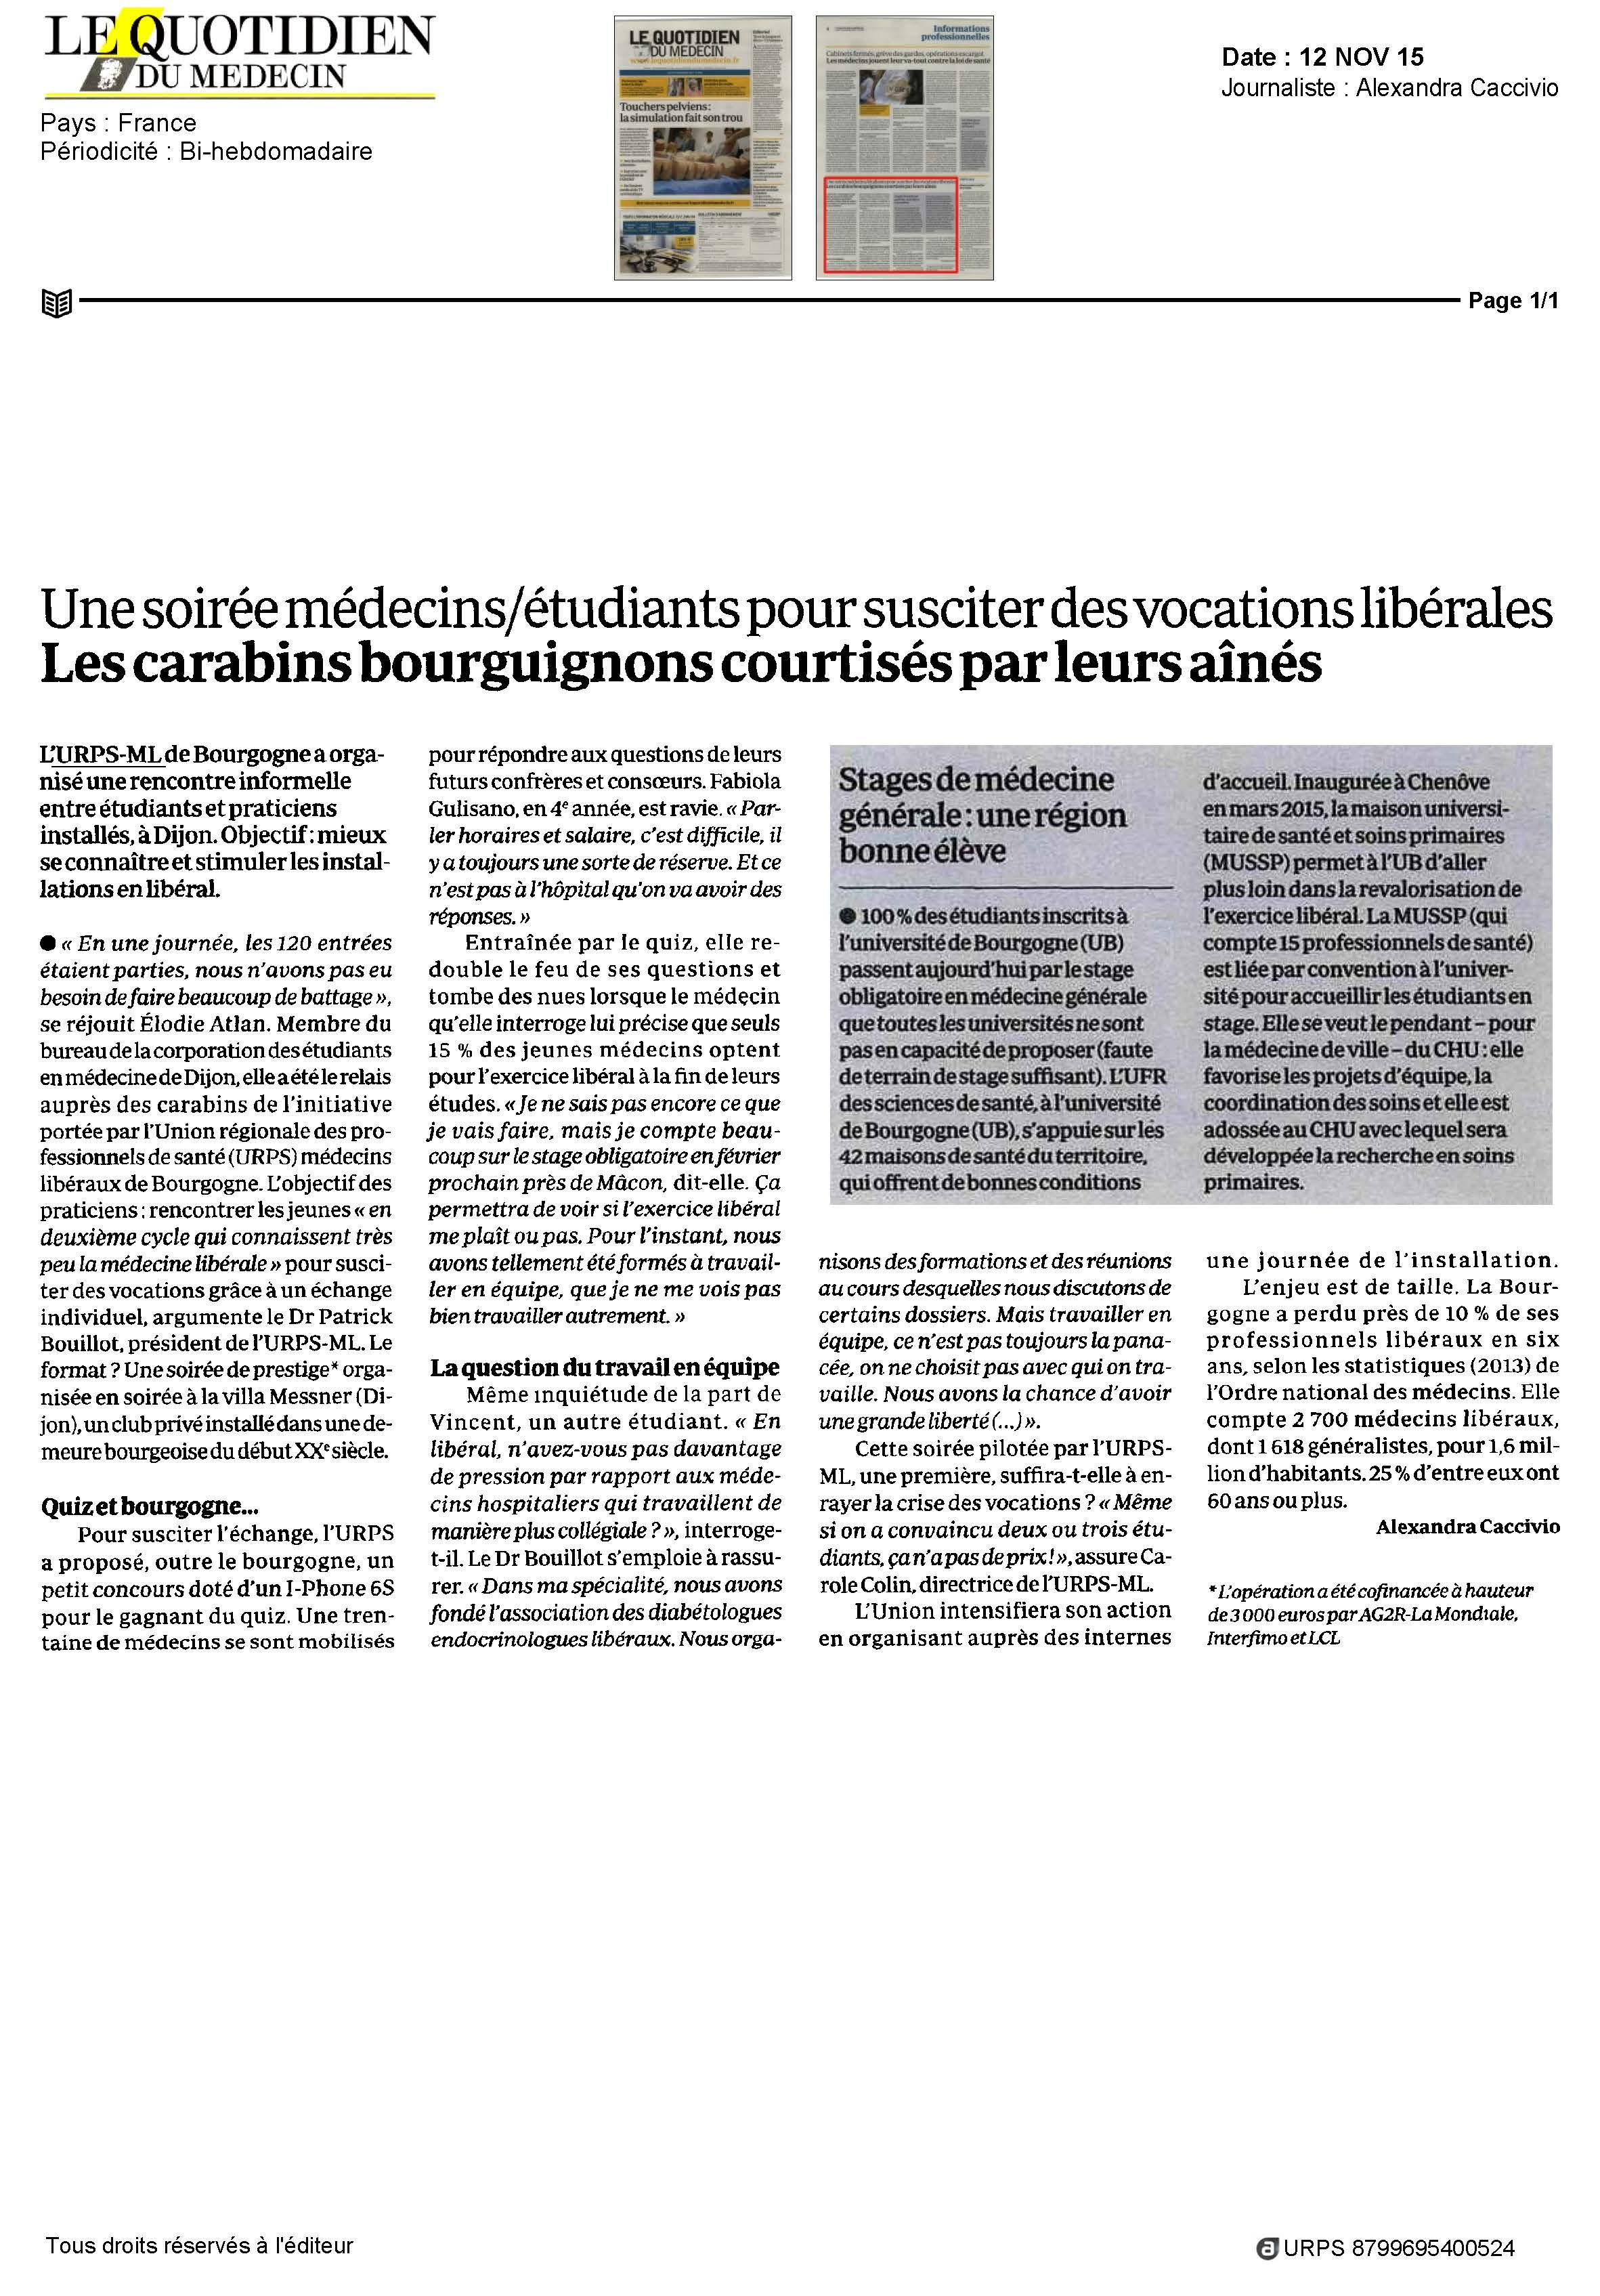 2 2015-11-12~1978@LE_QUOTIDIEN_DU_MEDECIN